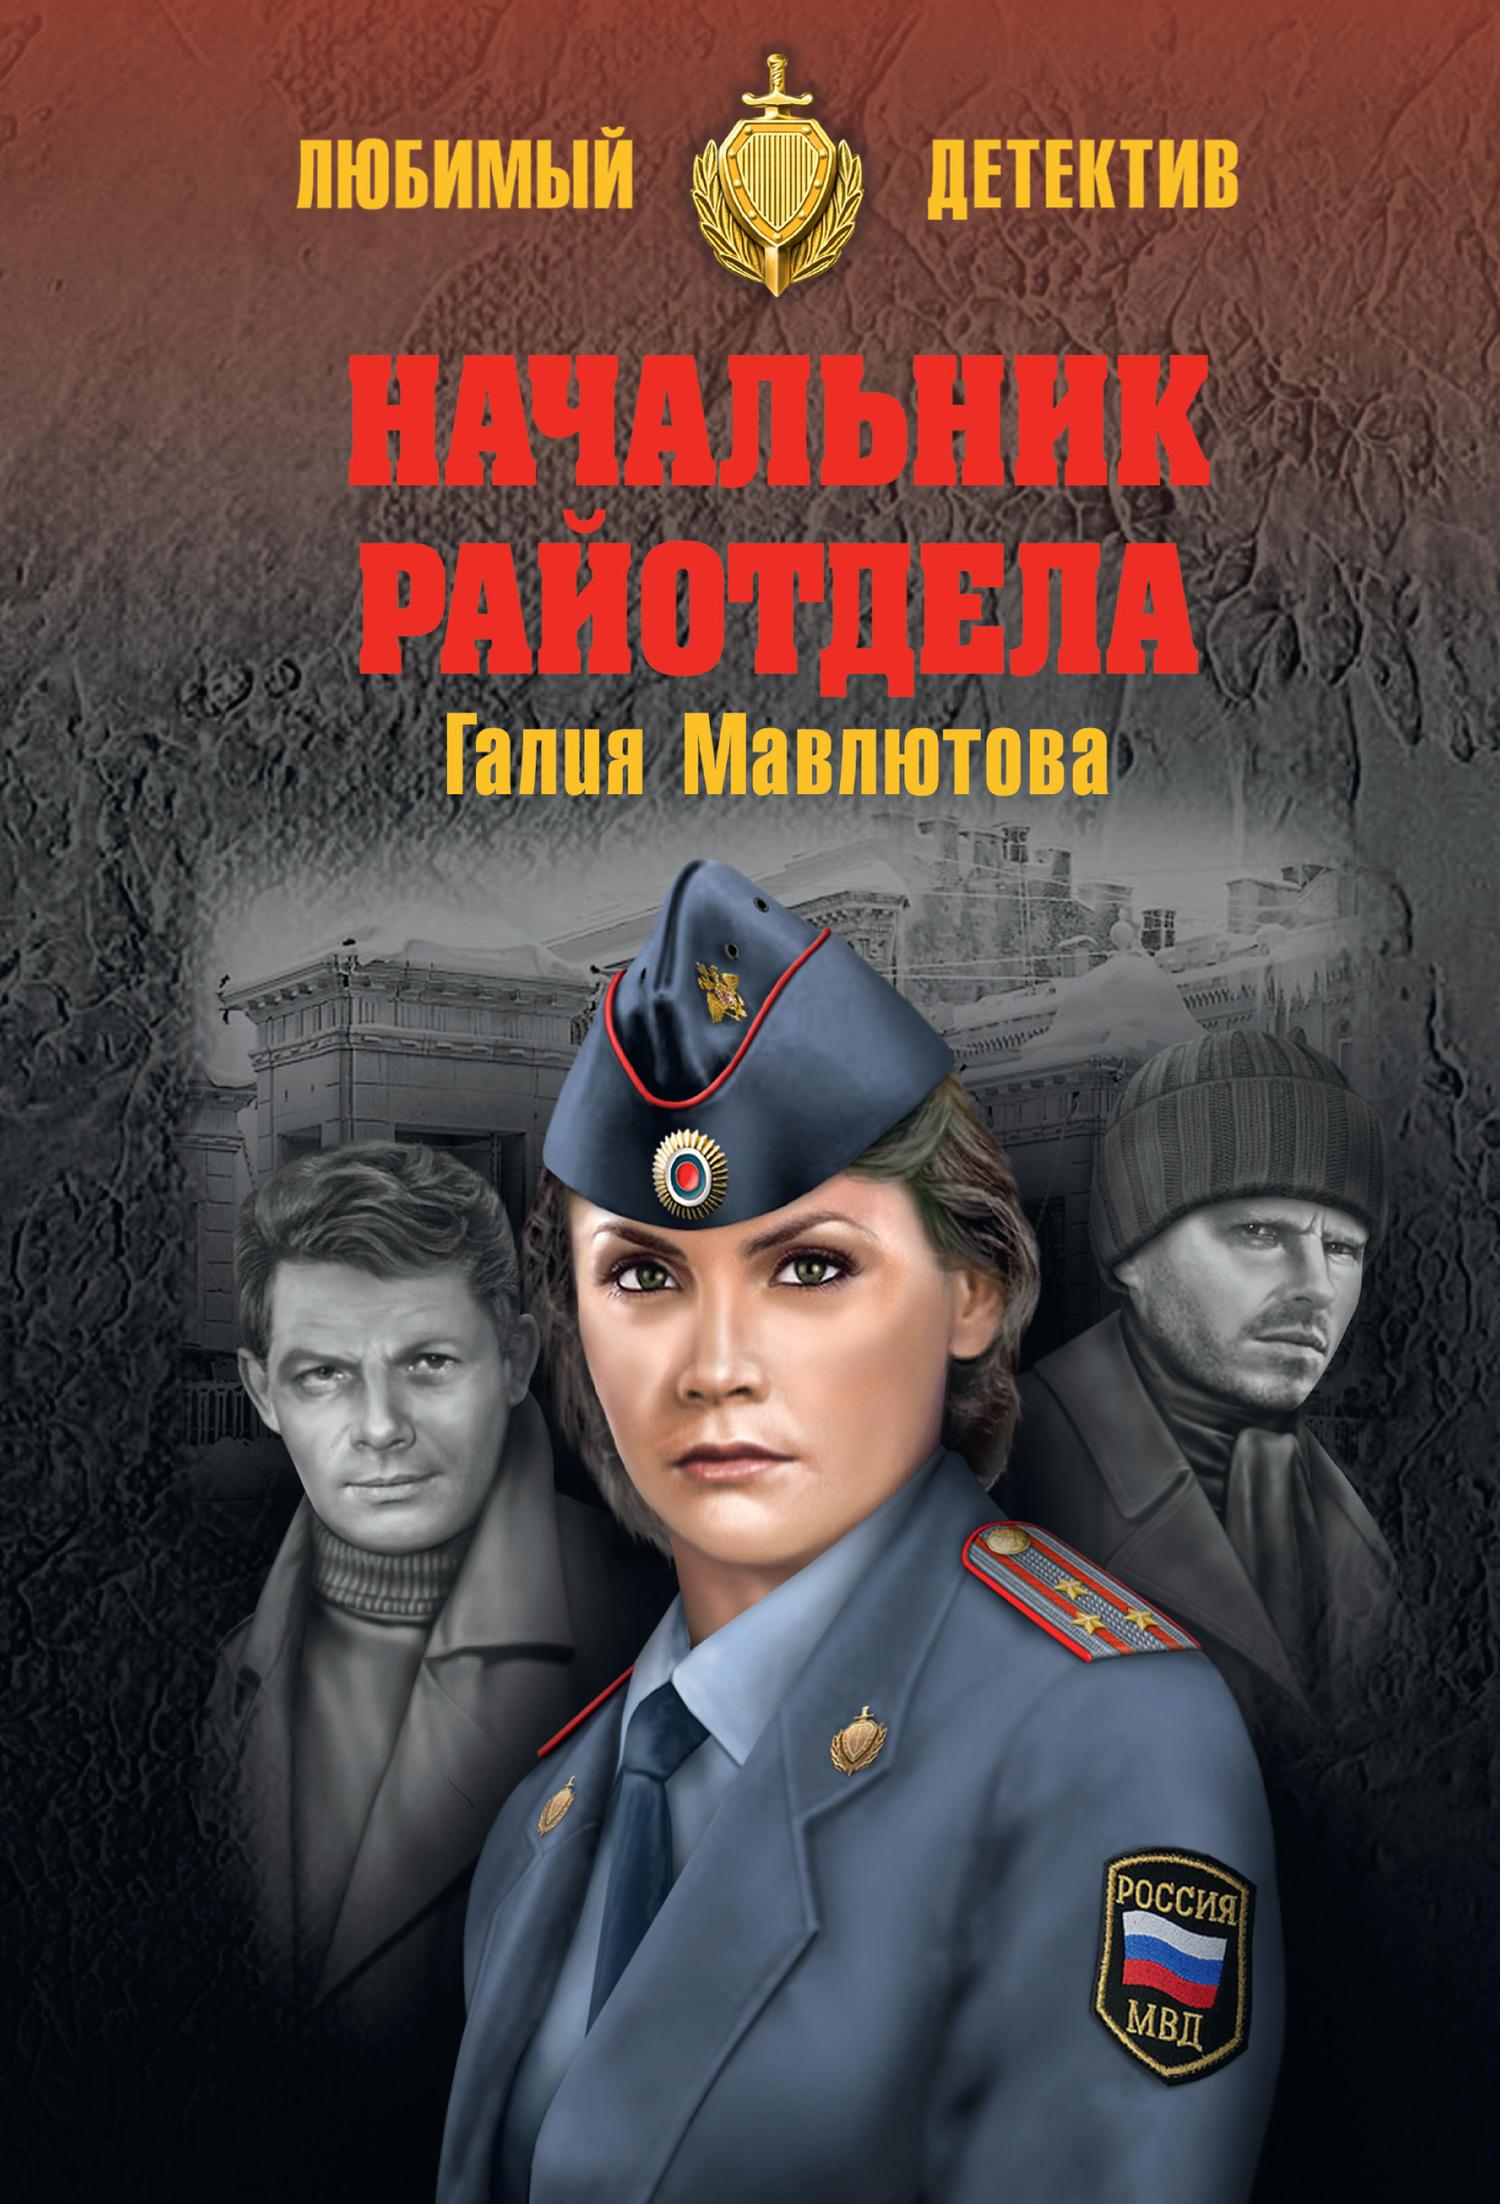 Галия Мавлютова - Начальник райотдела